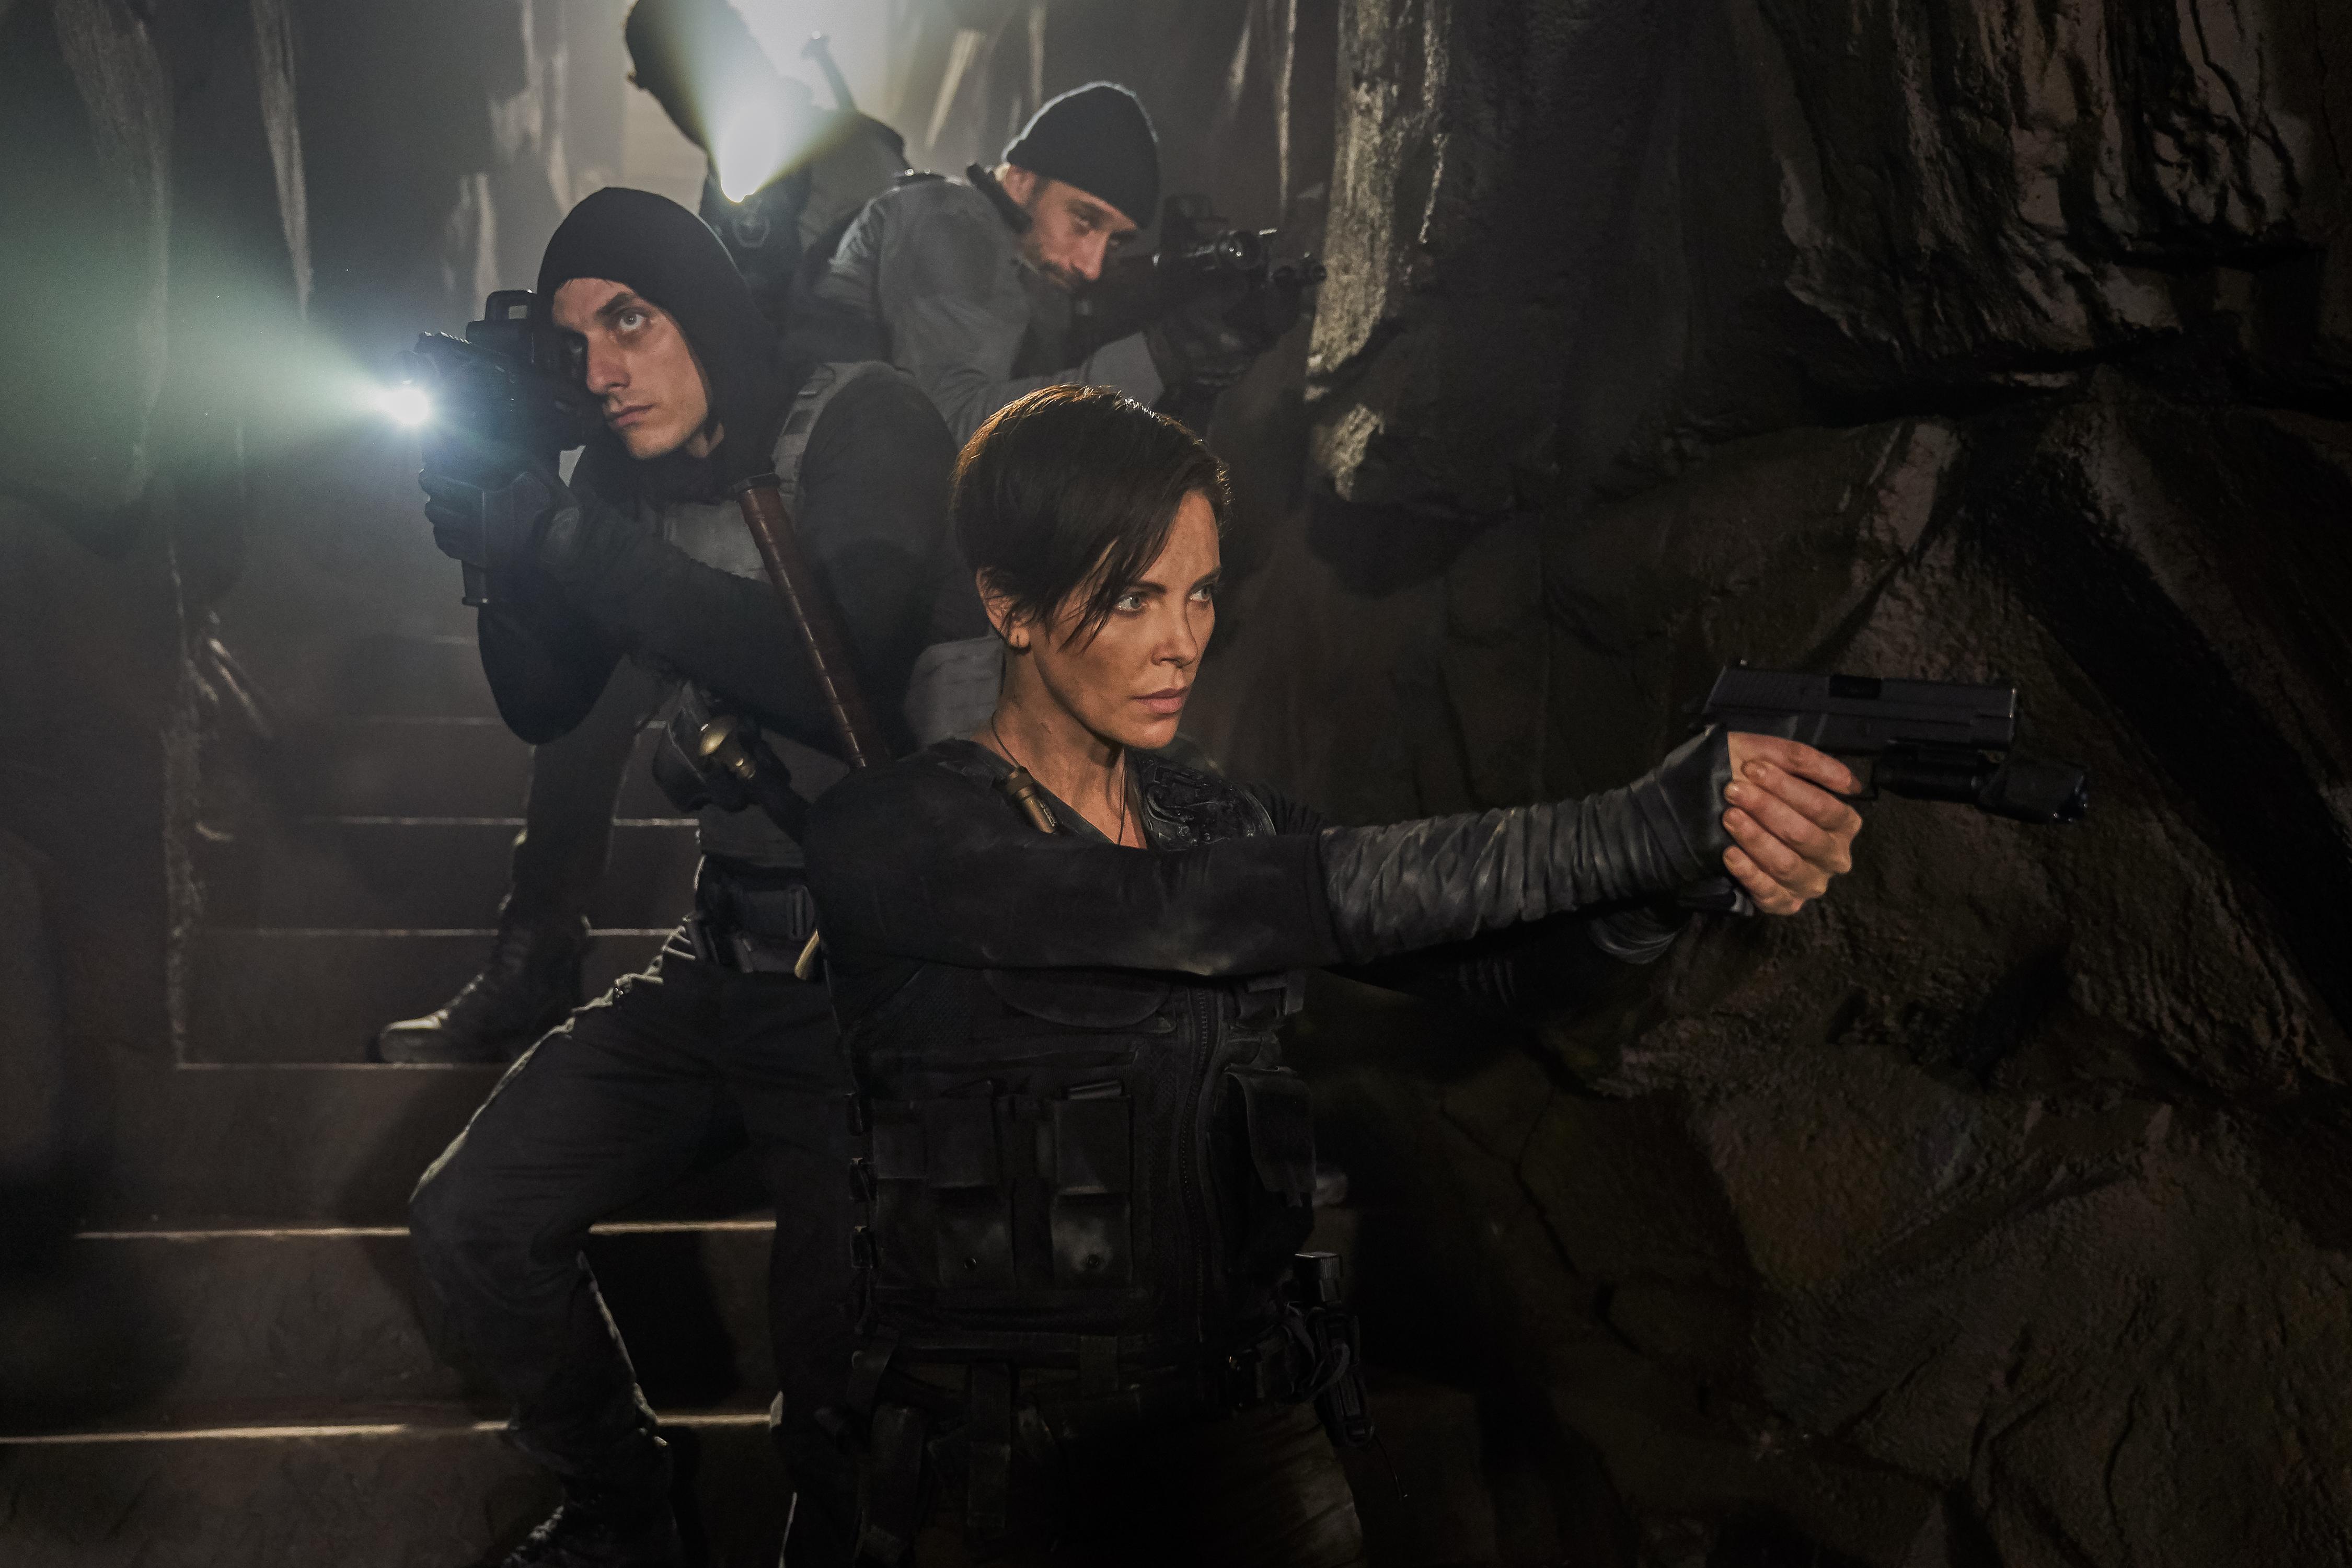 《不死軍團》以獨特的不死之身超能力為主題,更呈現出令人耳目一新的暴力美學